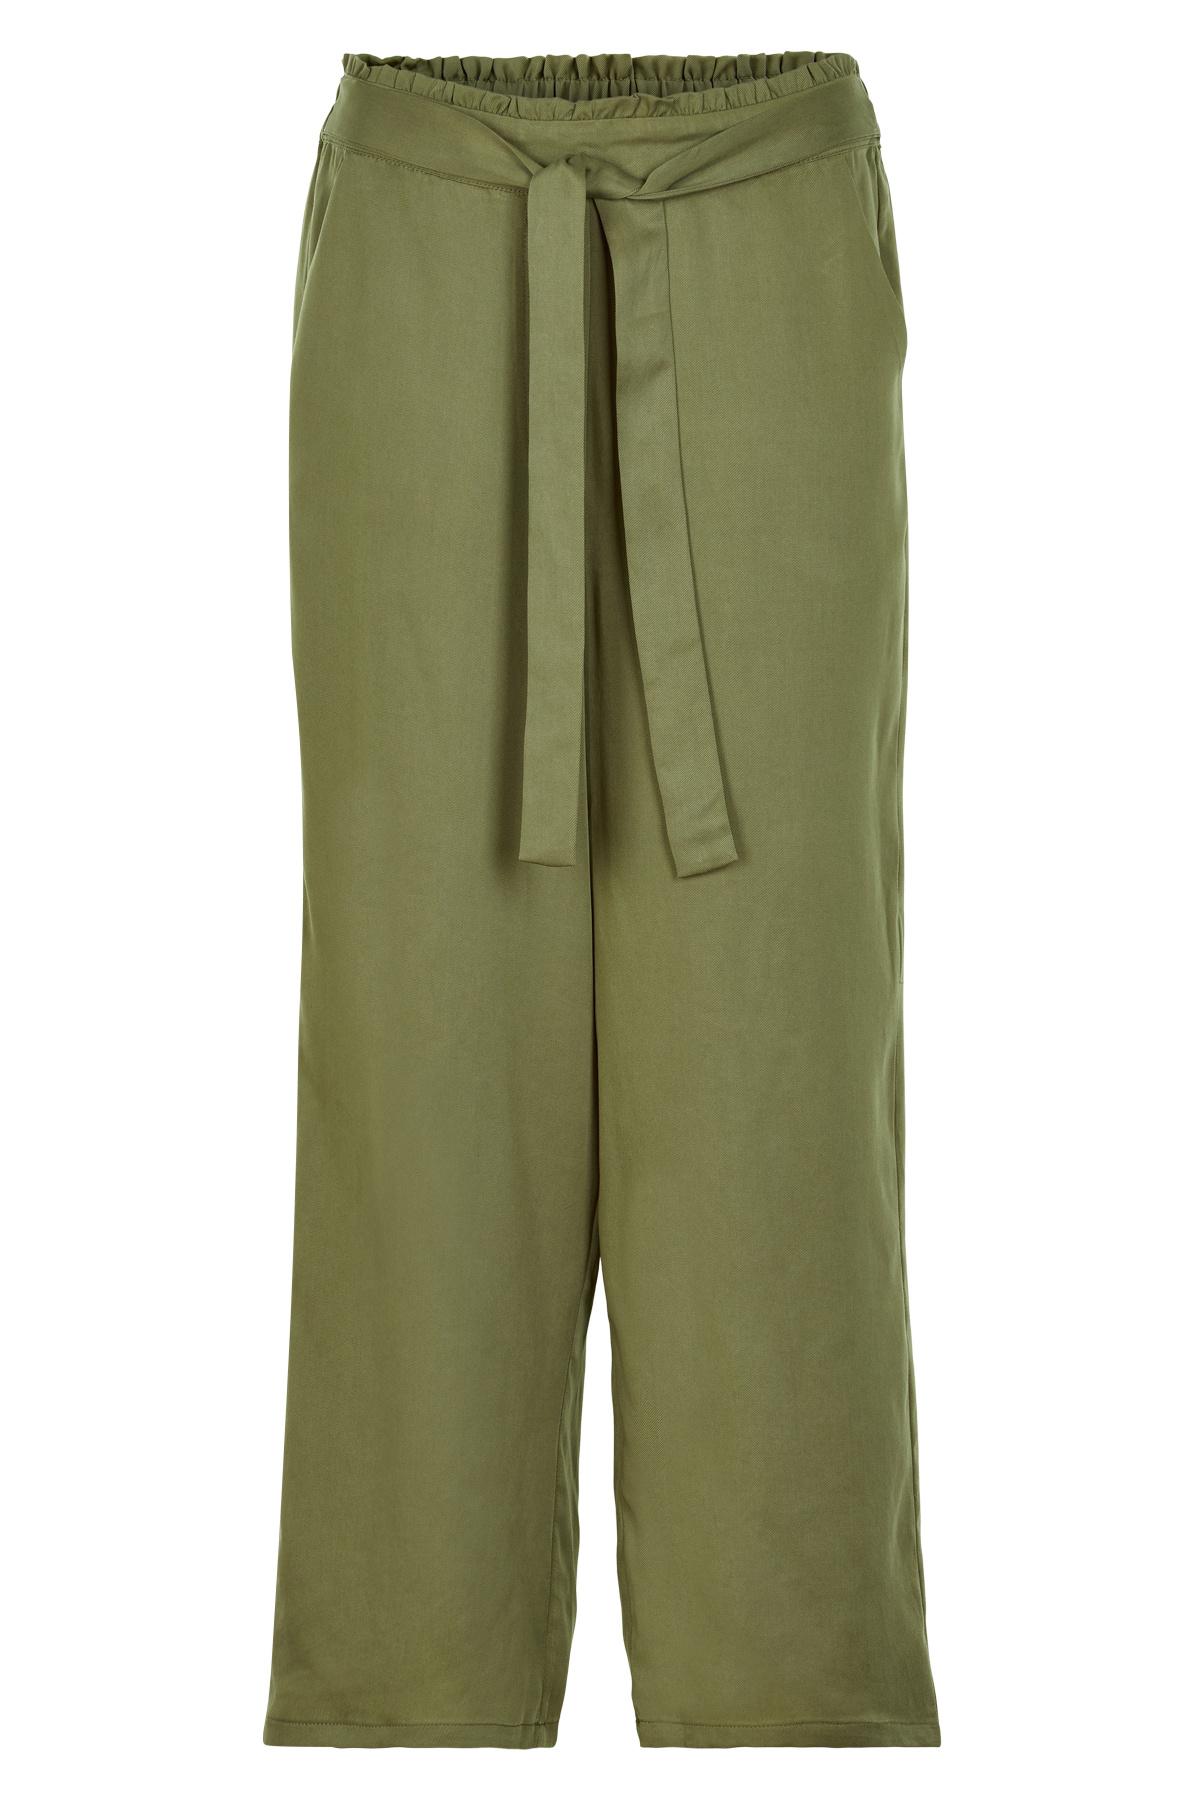 Nümph Araluen Pants